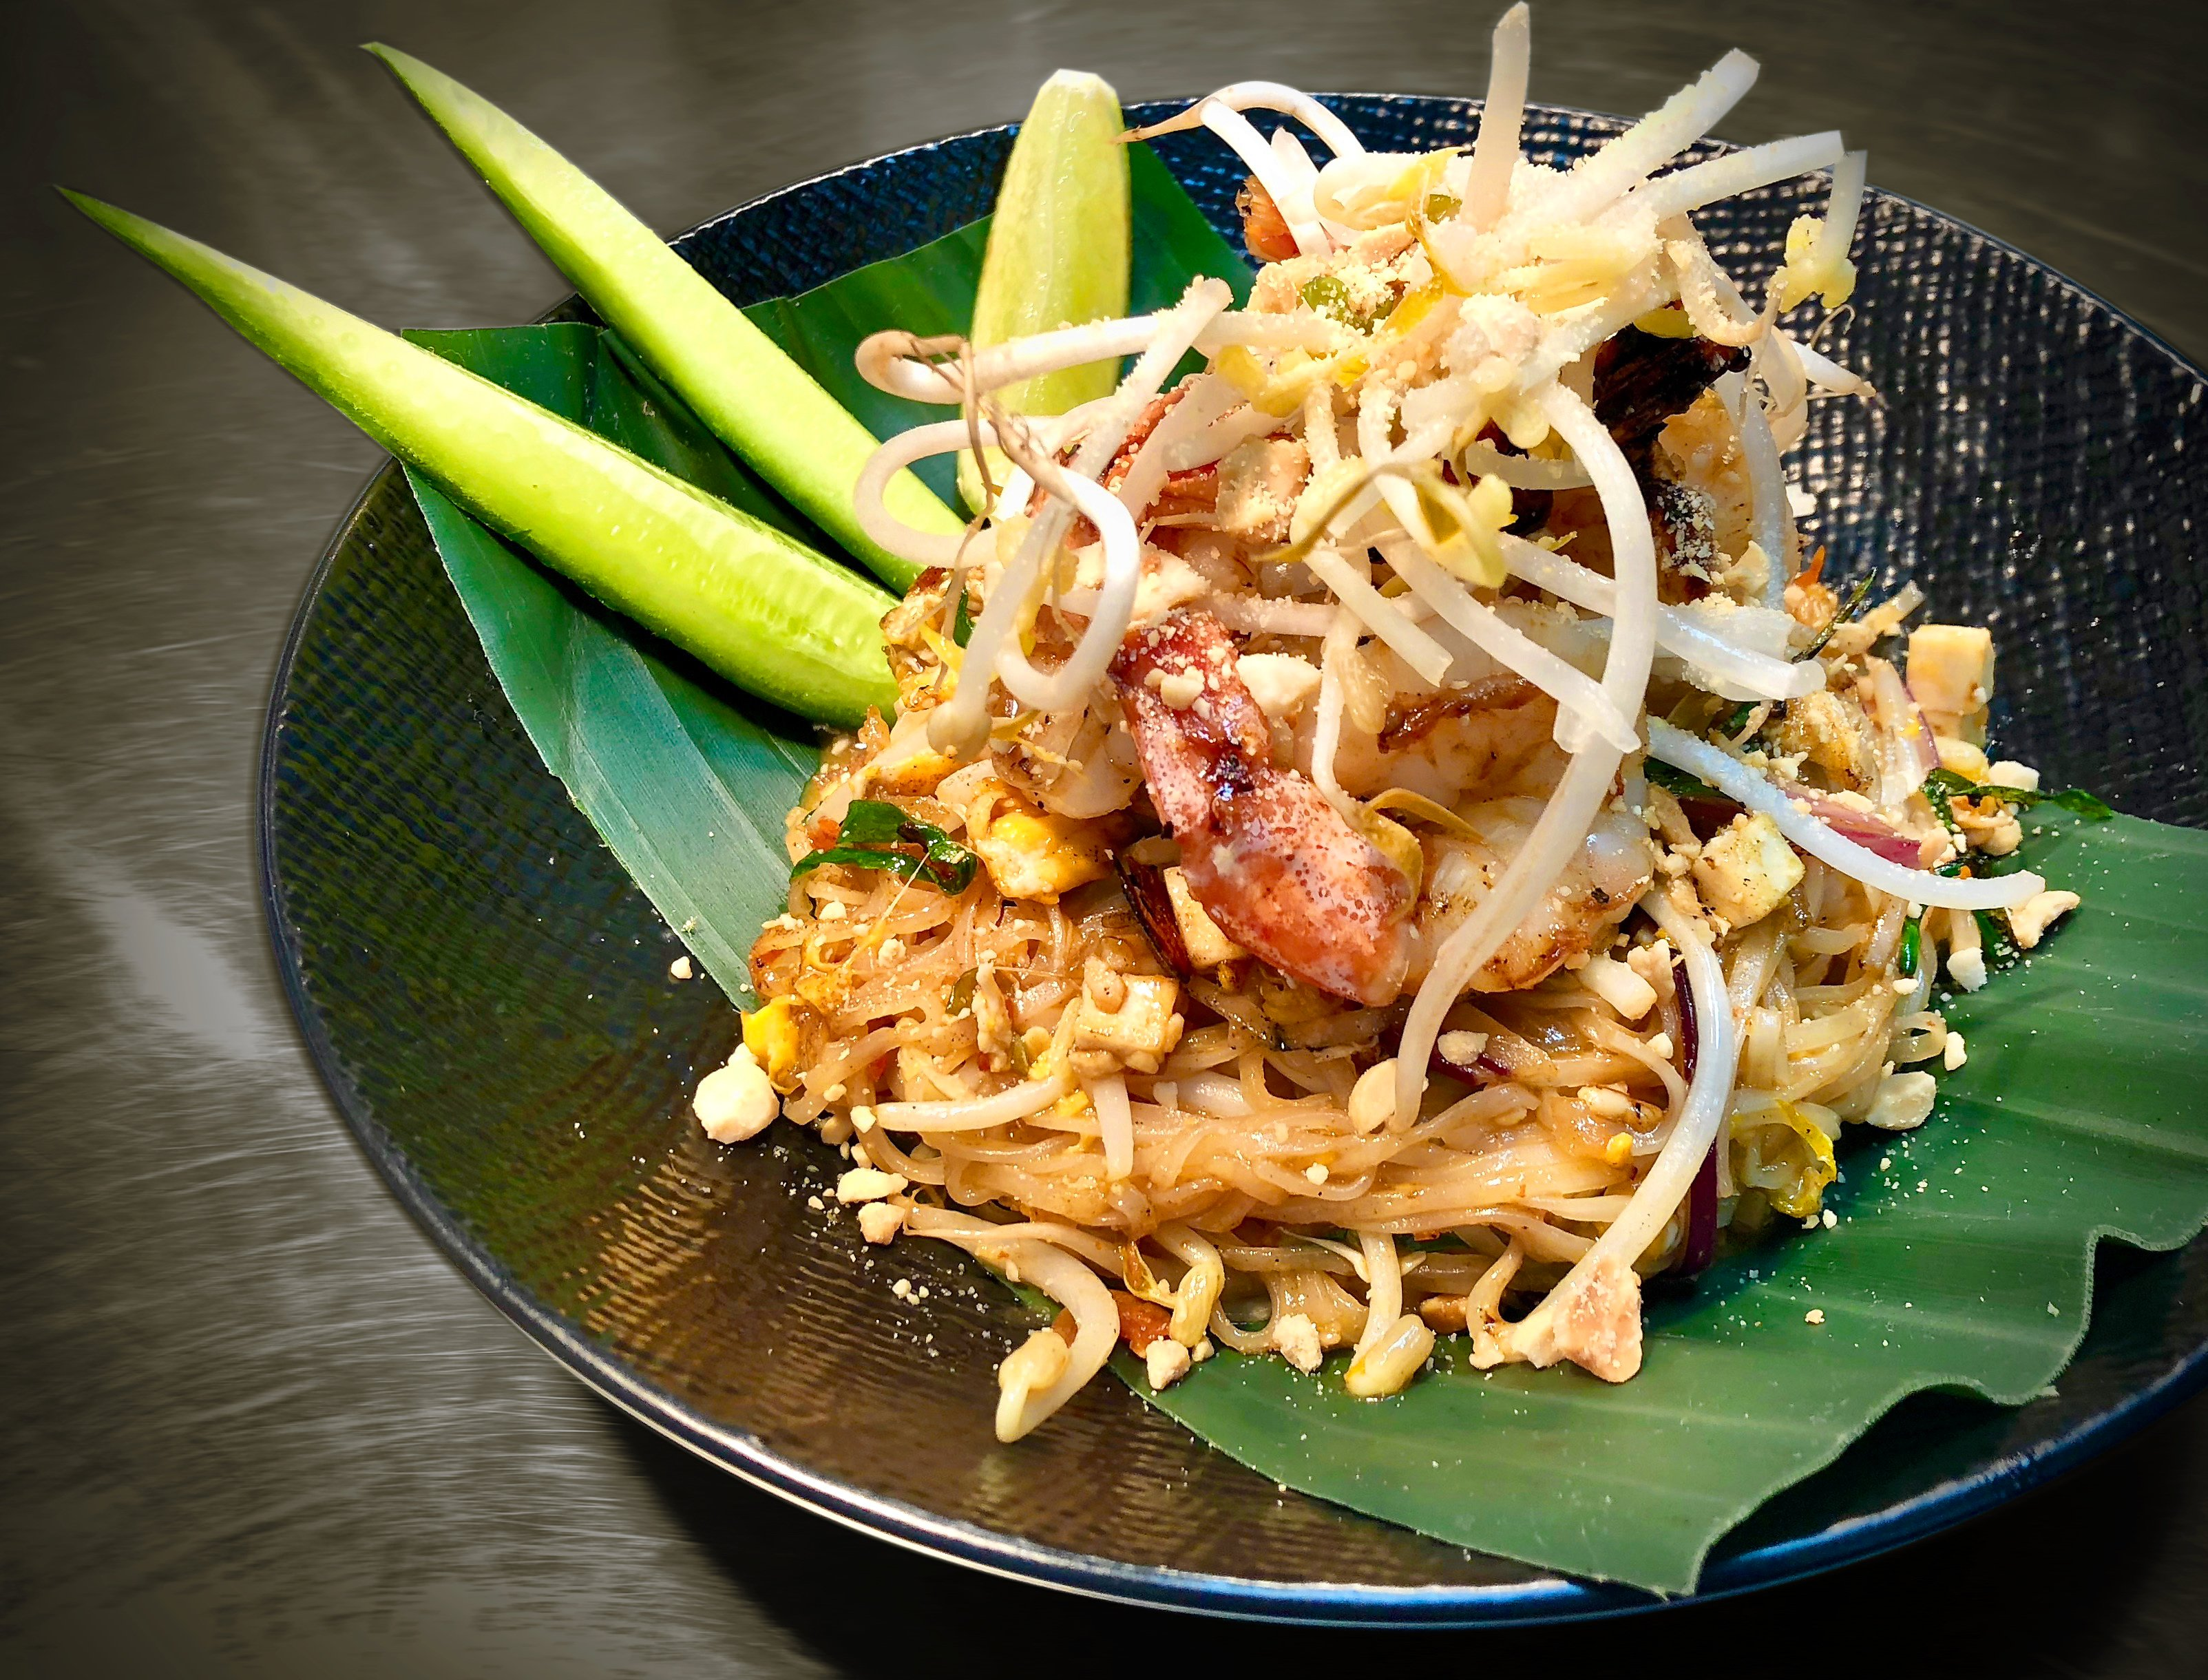 The Bangkok Eatery